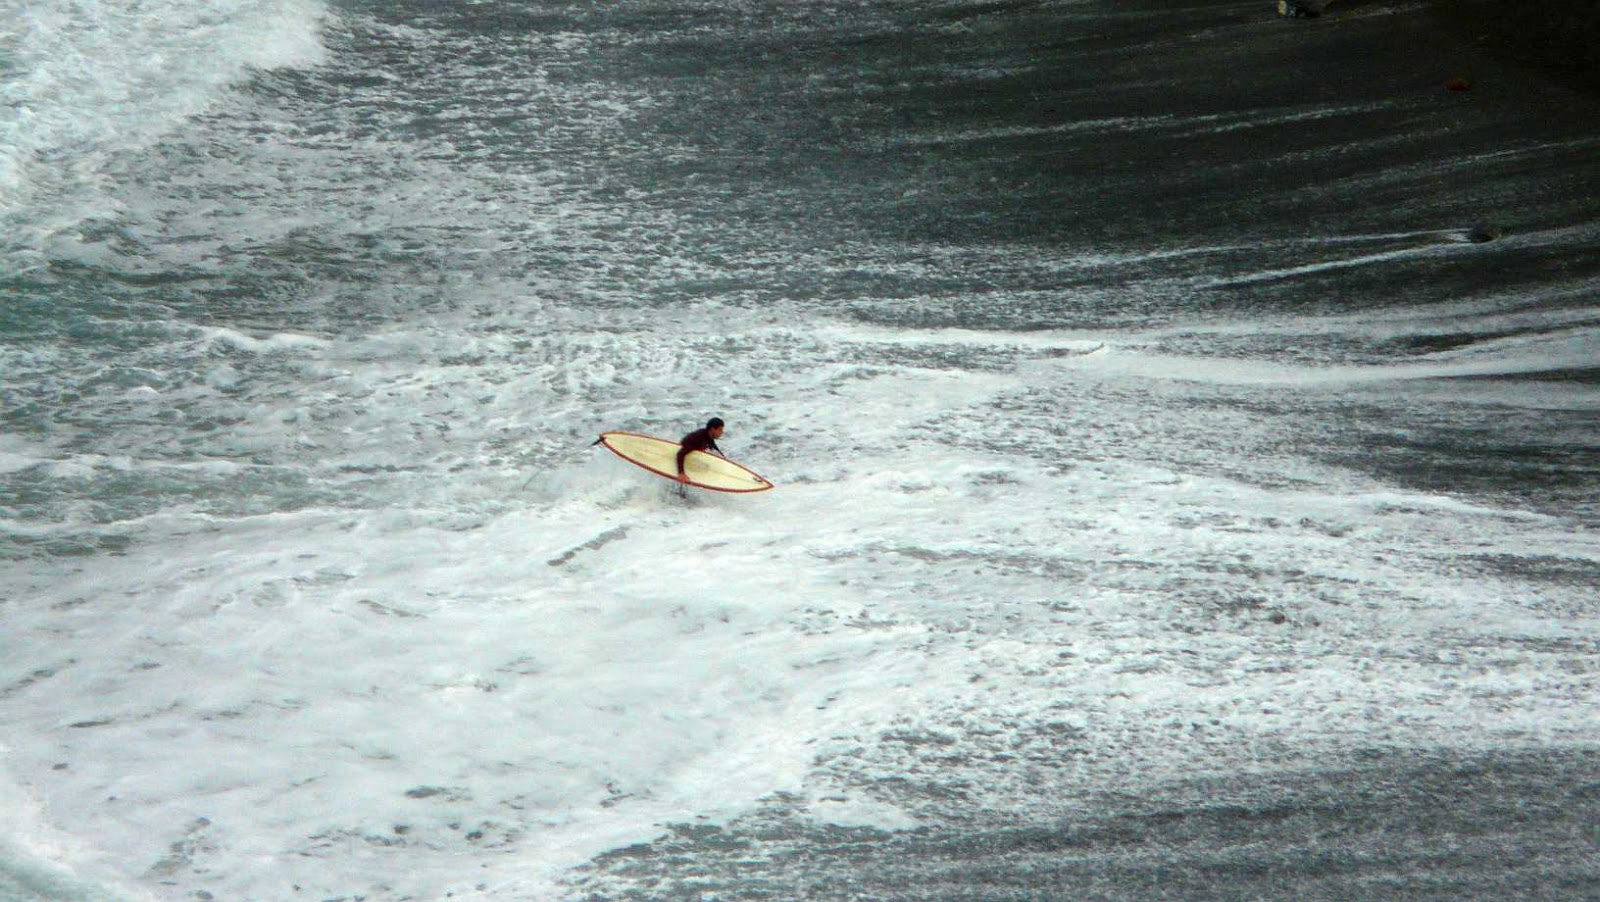 sesion otono menakoz septiembre 2015 surf olas grandes 23